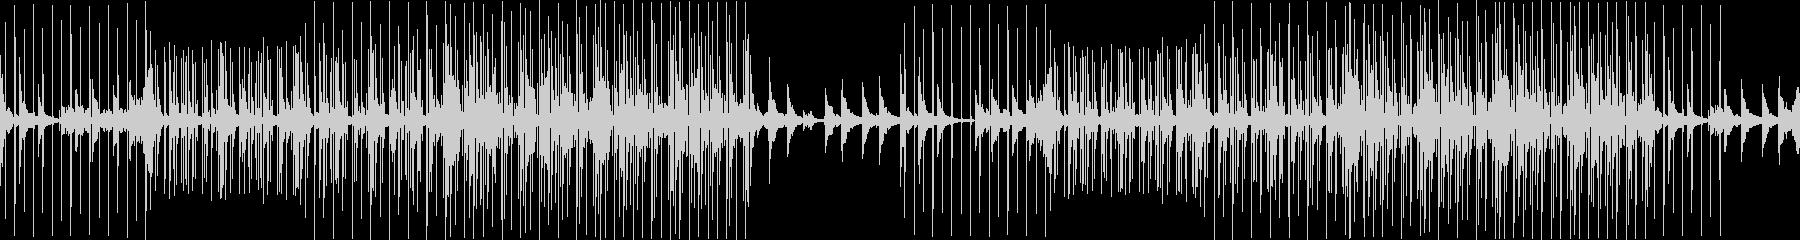 実験的な電子機器で怠惰な曲の未再生の波形